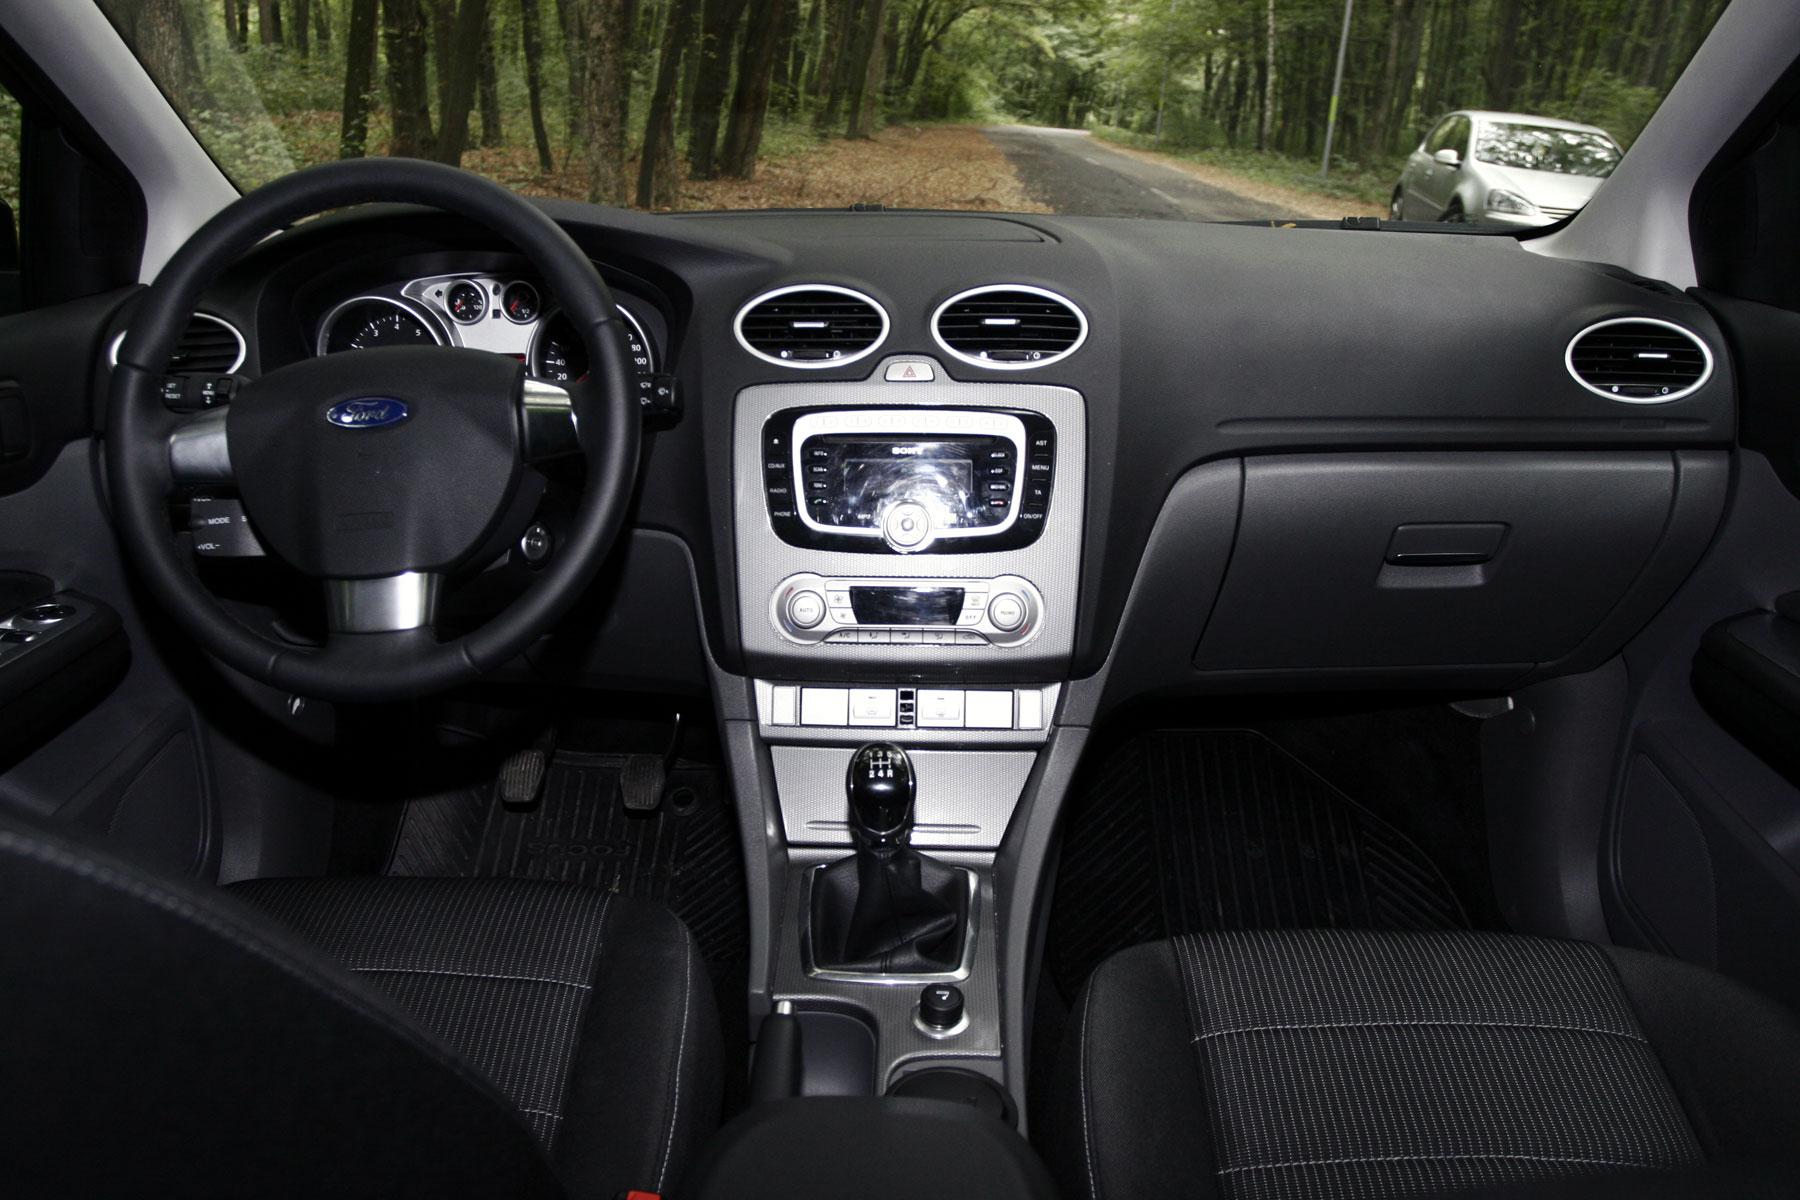 Imagini Golf 6 Vs Focus Vs Bravo Vs Auris Vs Leon 3